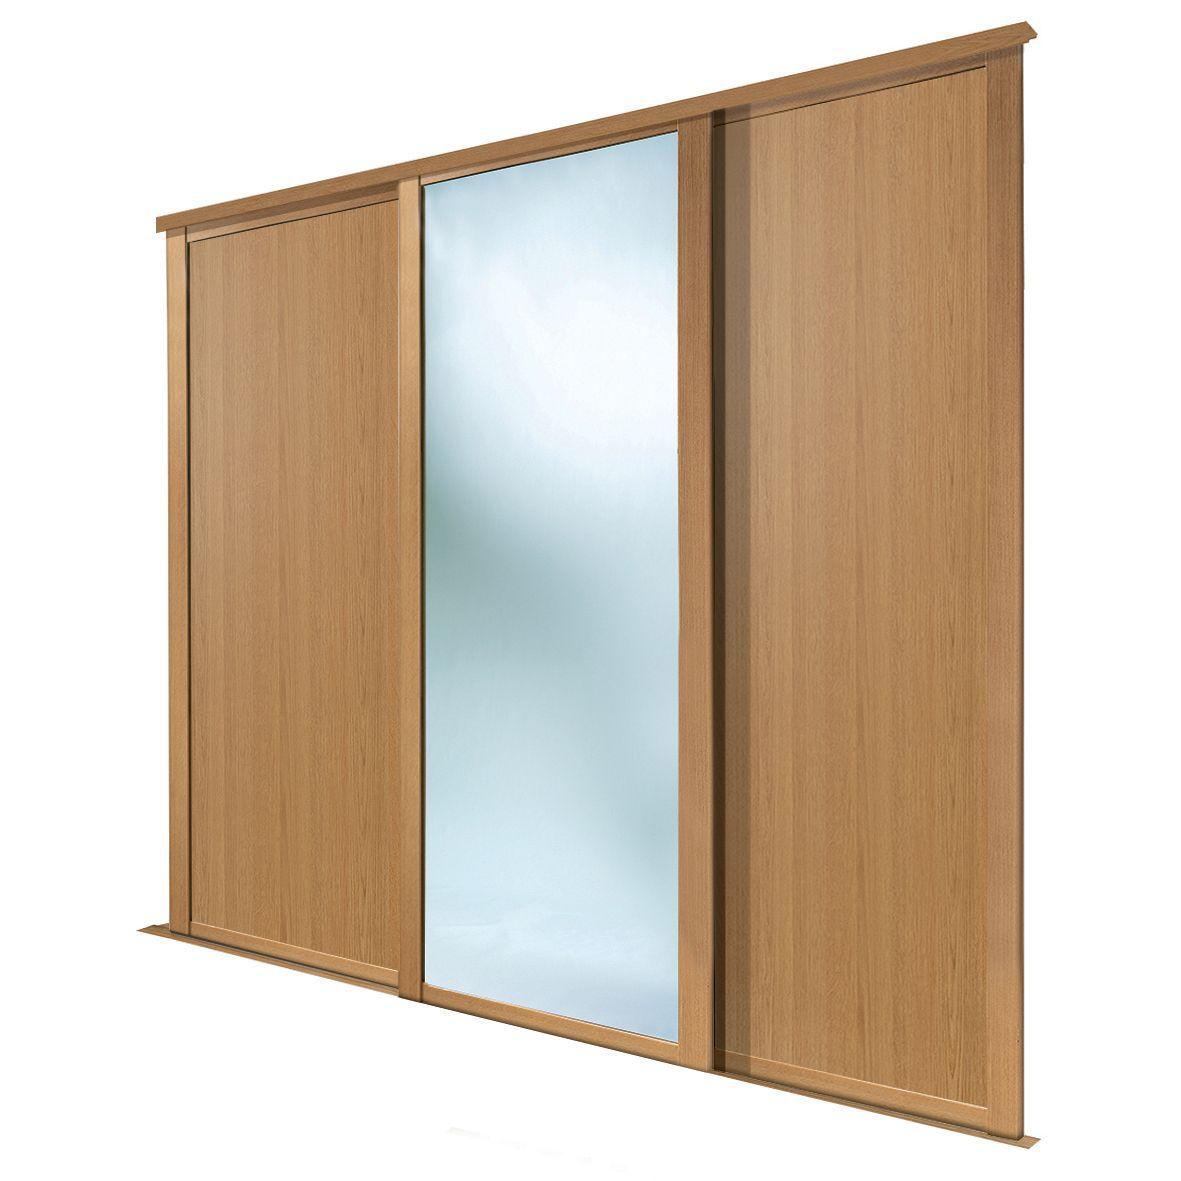 Shaker Full Length Mirror Oak Effect Sliding Wardrobe Door (h)2223 Mm (w)762mm, Pack Of 3